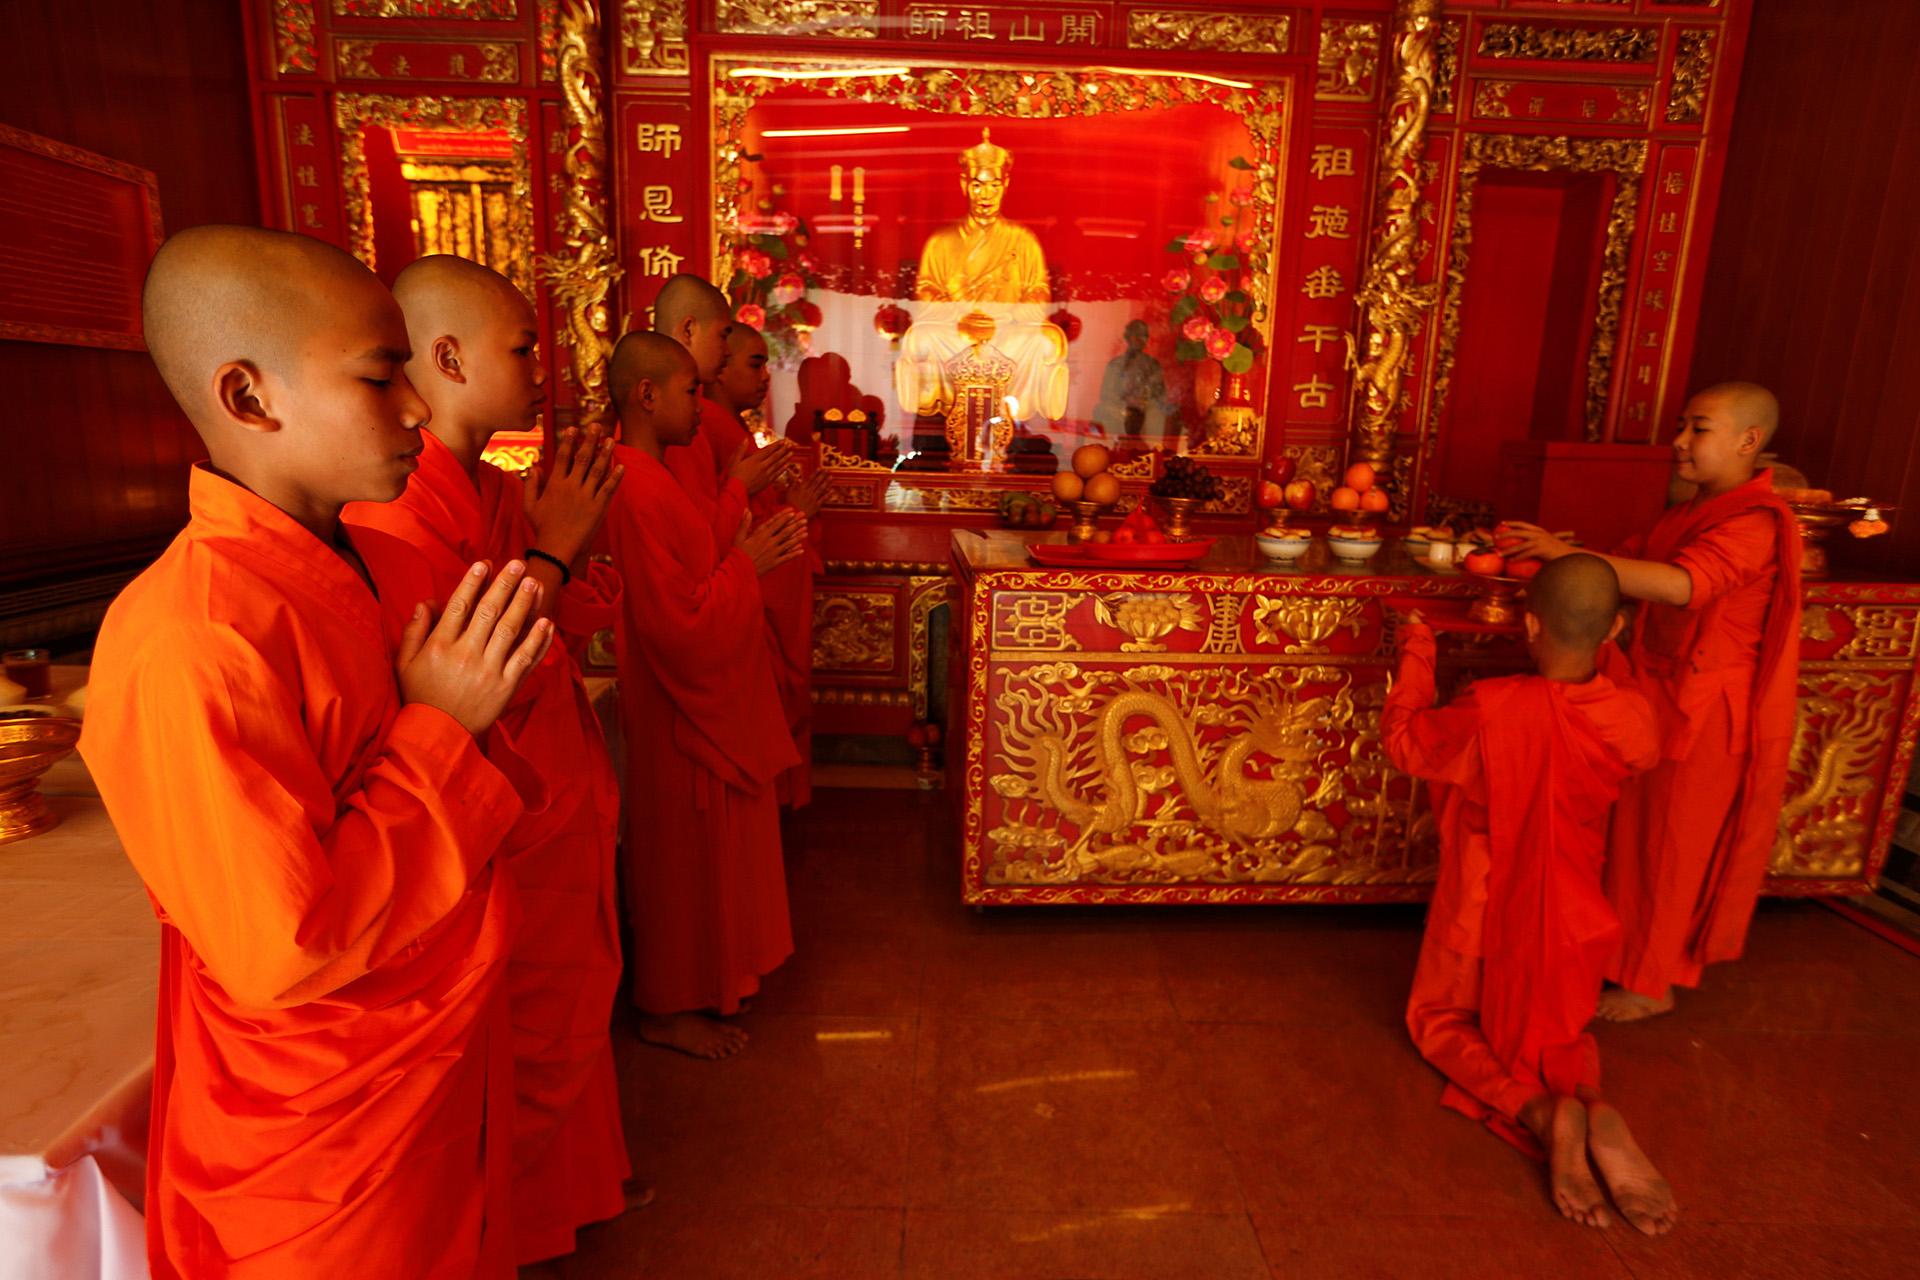 El templo más antiguo y más grande de Bangkok, Wat Pho es, posiblemente, uno de los templos más famosos de toda Tailandia (REUTERS)